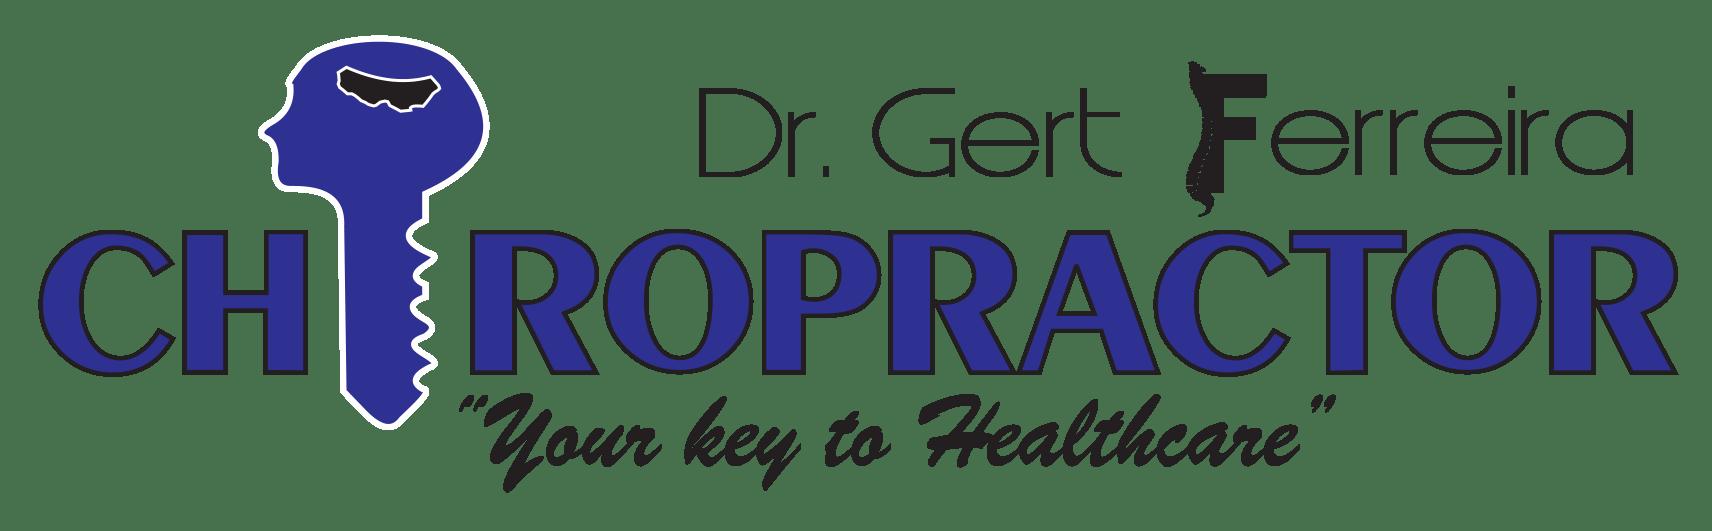 Pretoria East Chiropractor